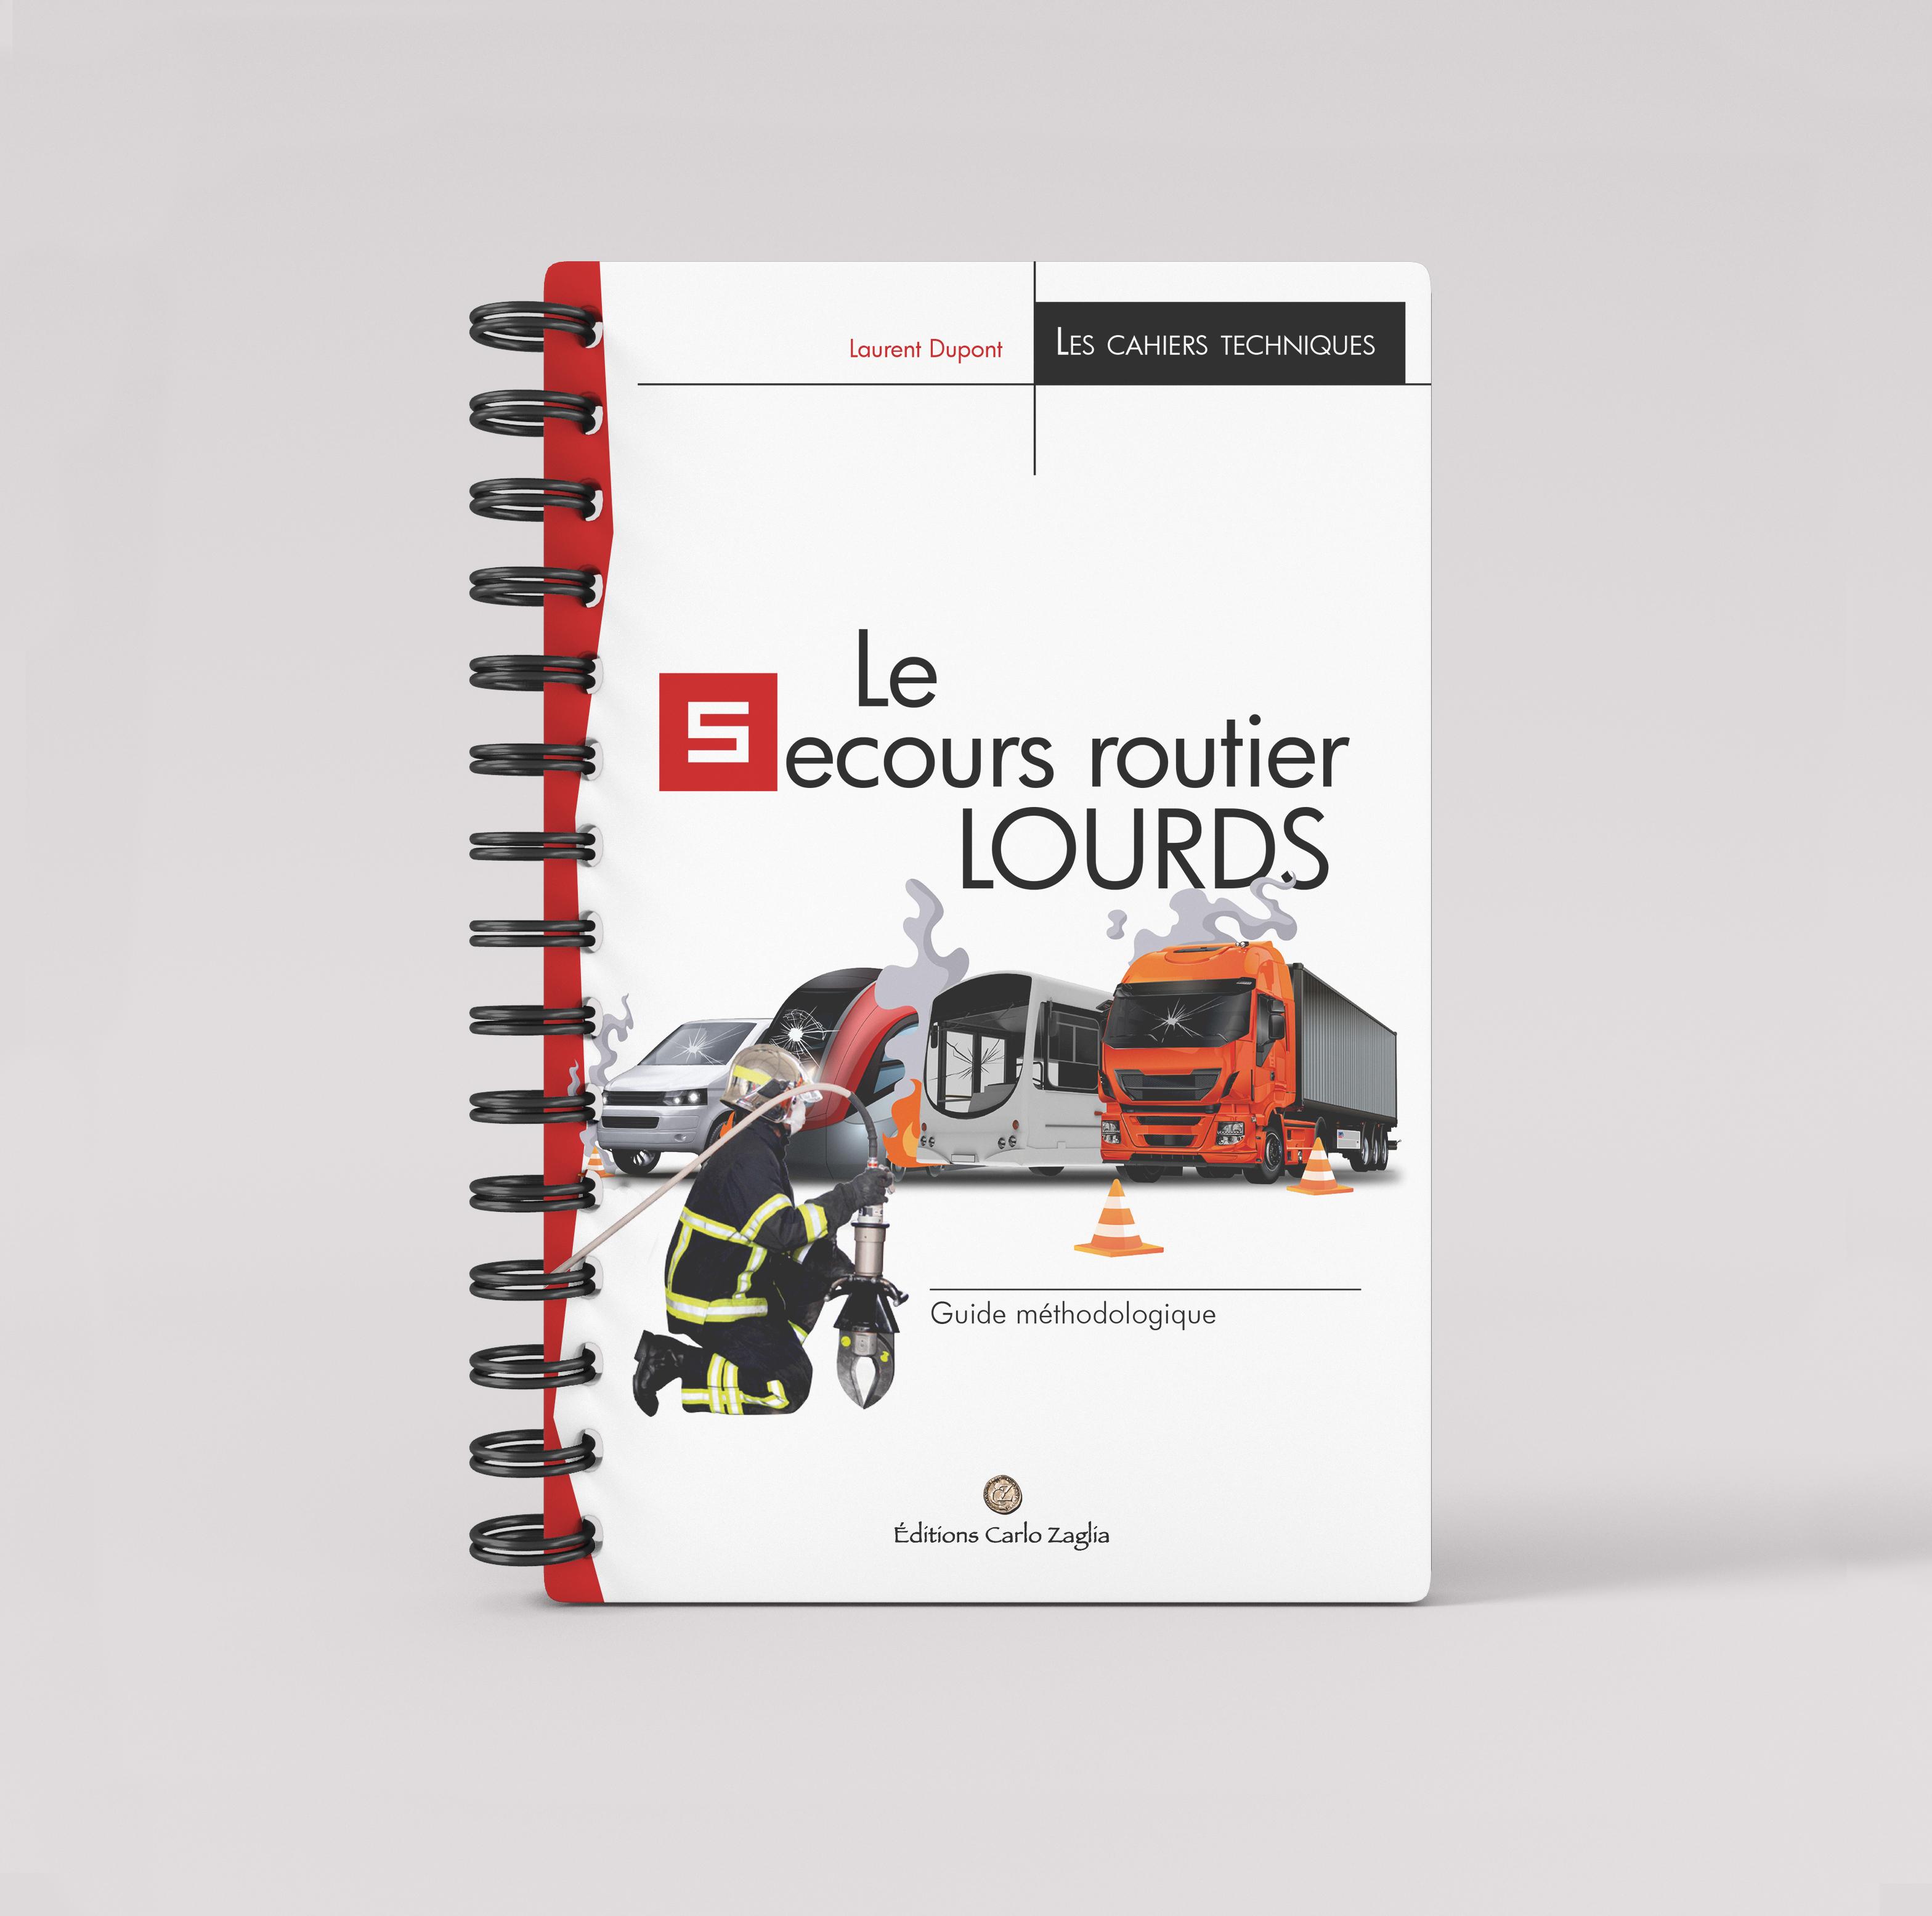 Le secours routier LOURDS